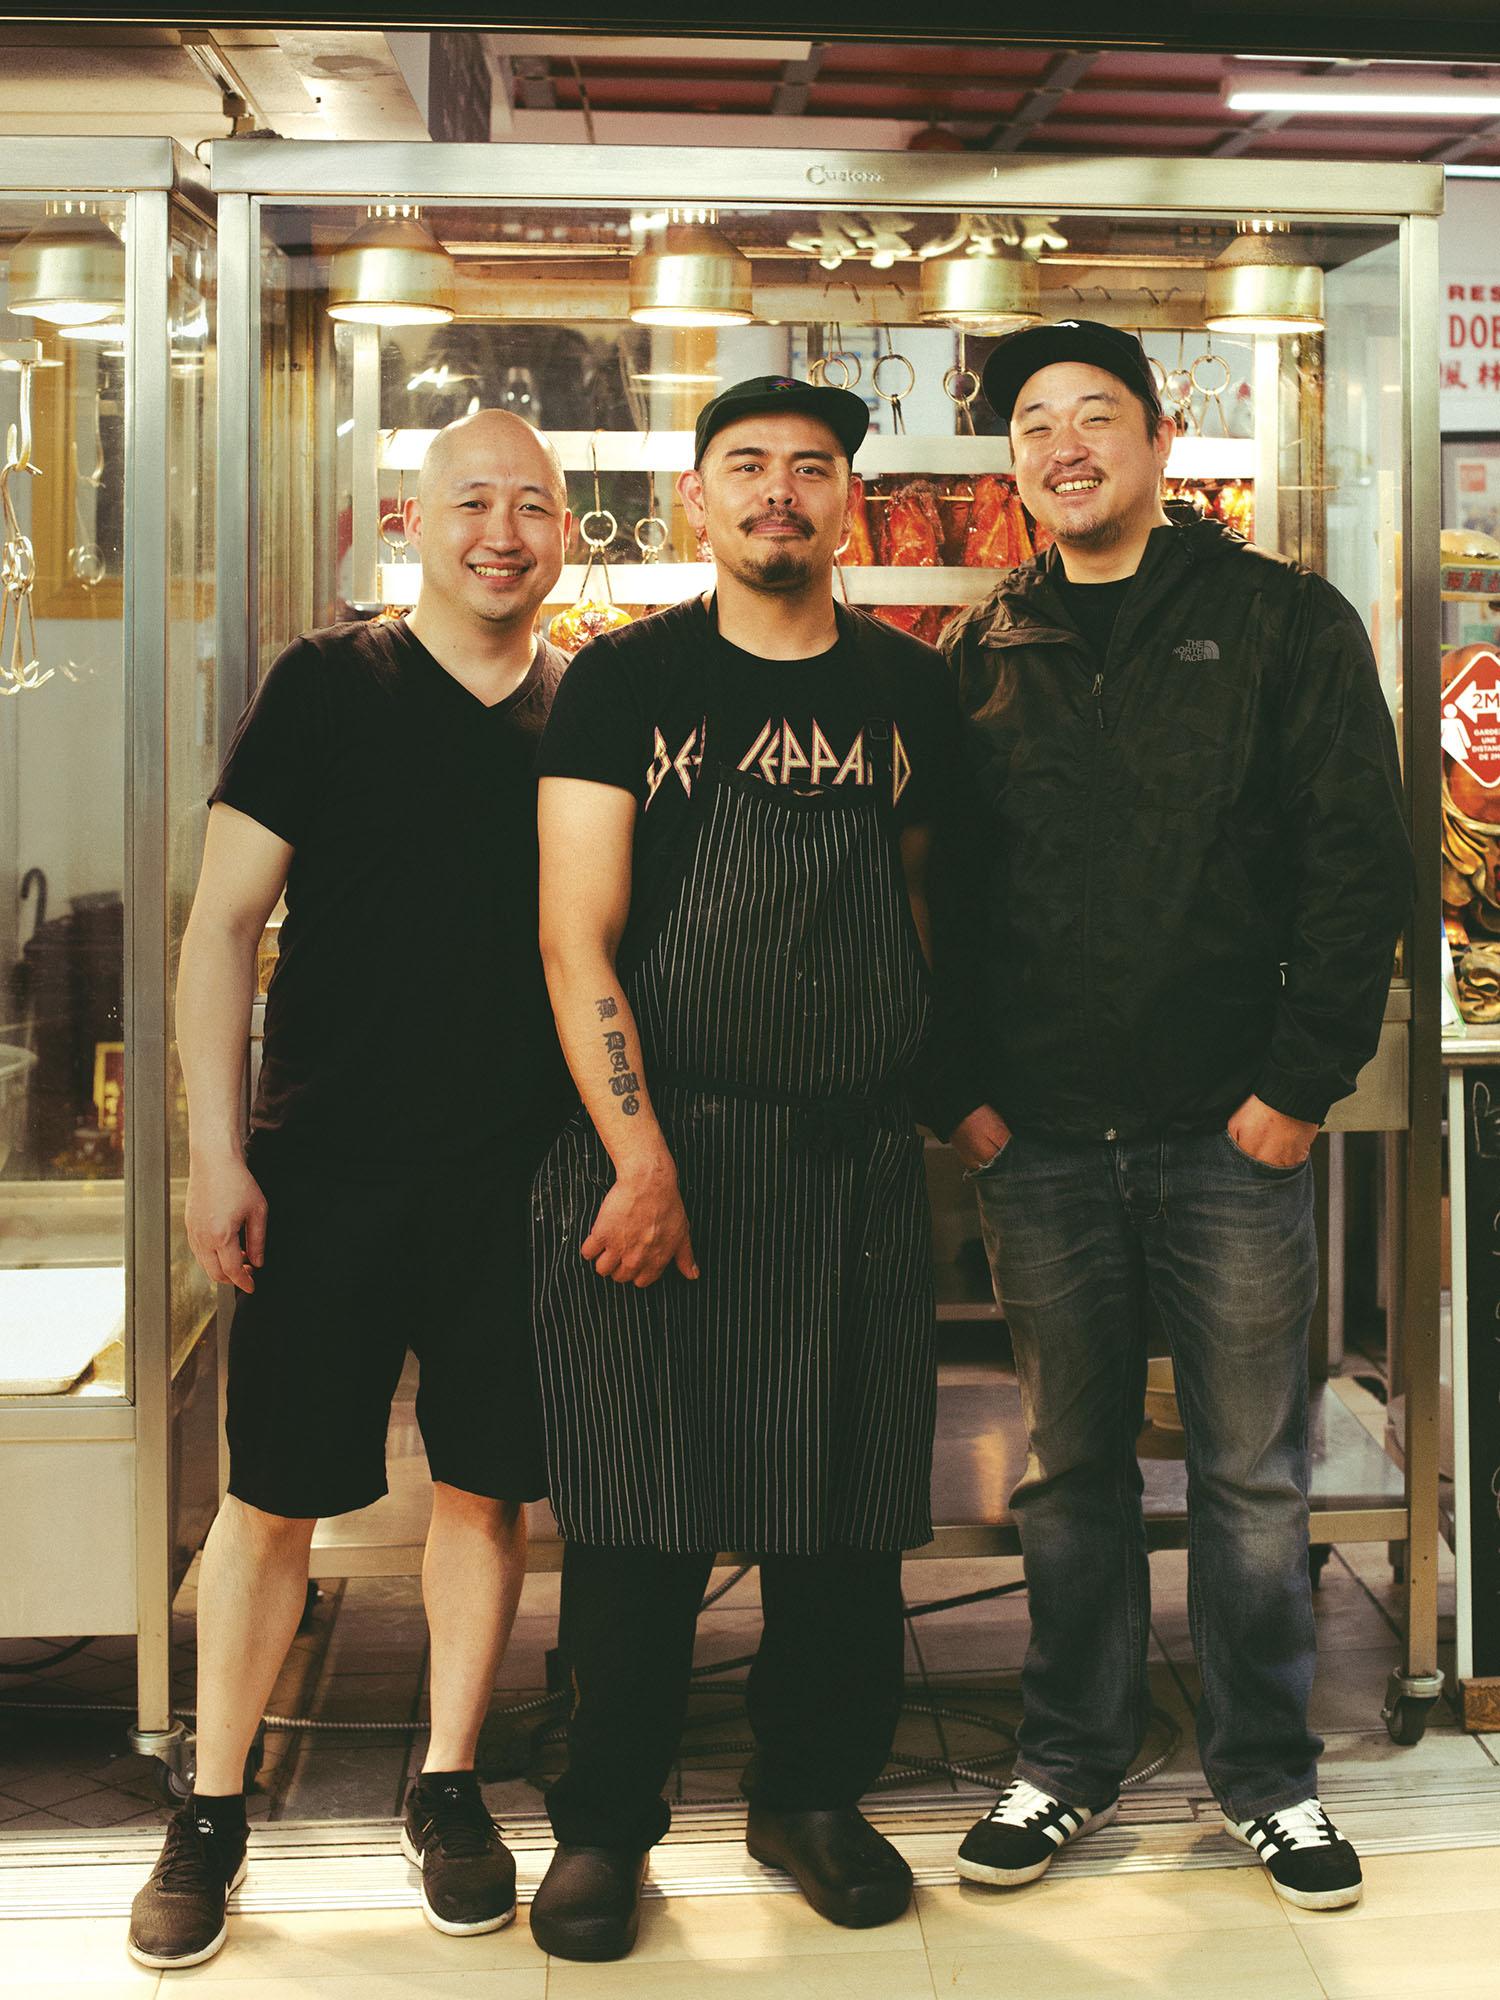 Photo couleur plein pied de trois hommes souriant posant debout devant un restaurant.